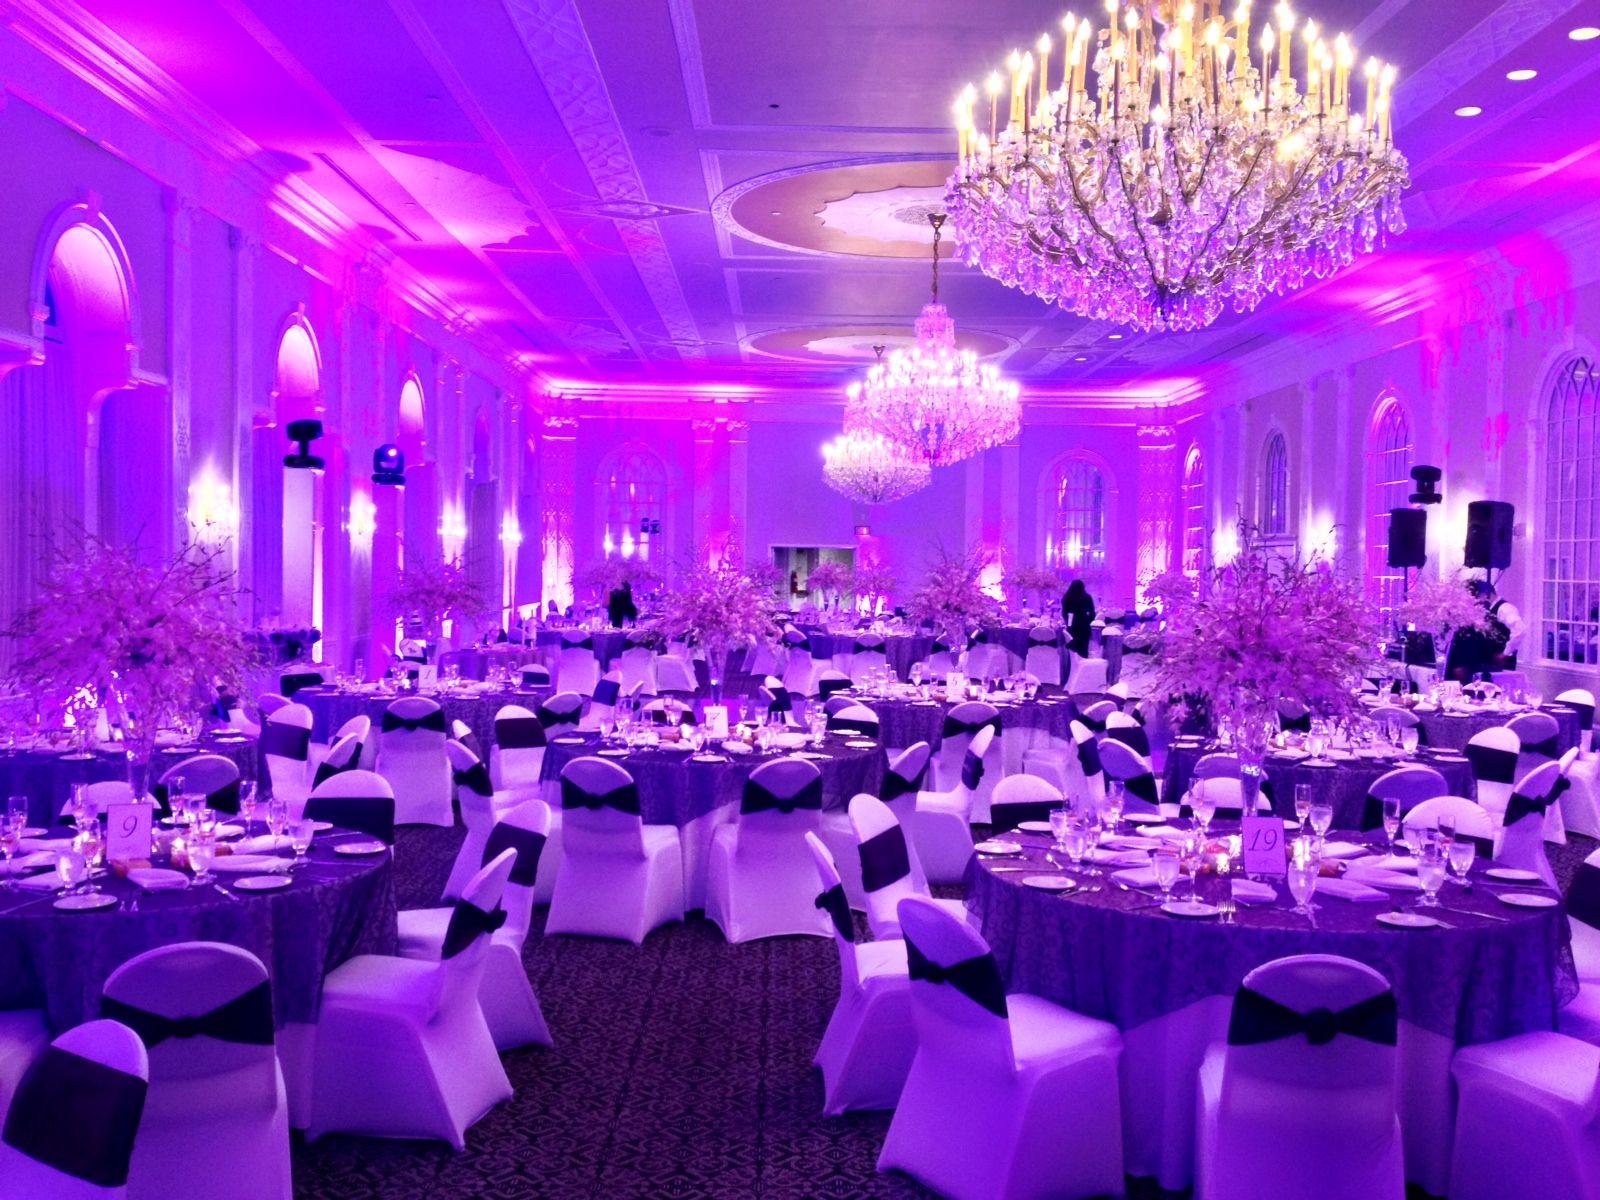 wedding venues asbury park nj%0A SCE Event Group production event Berkeley Carteret Oceanfront Hotel  Asbury  Park  NJ